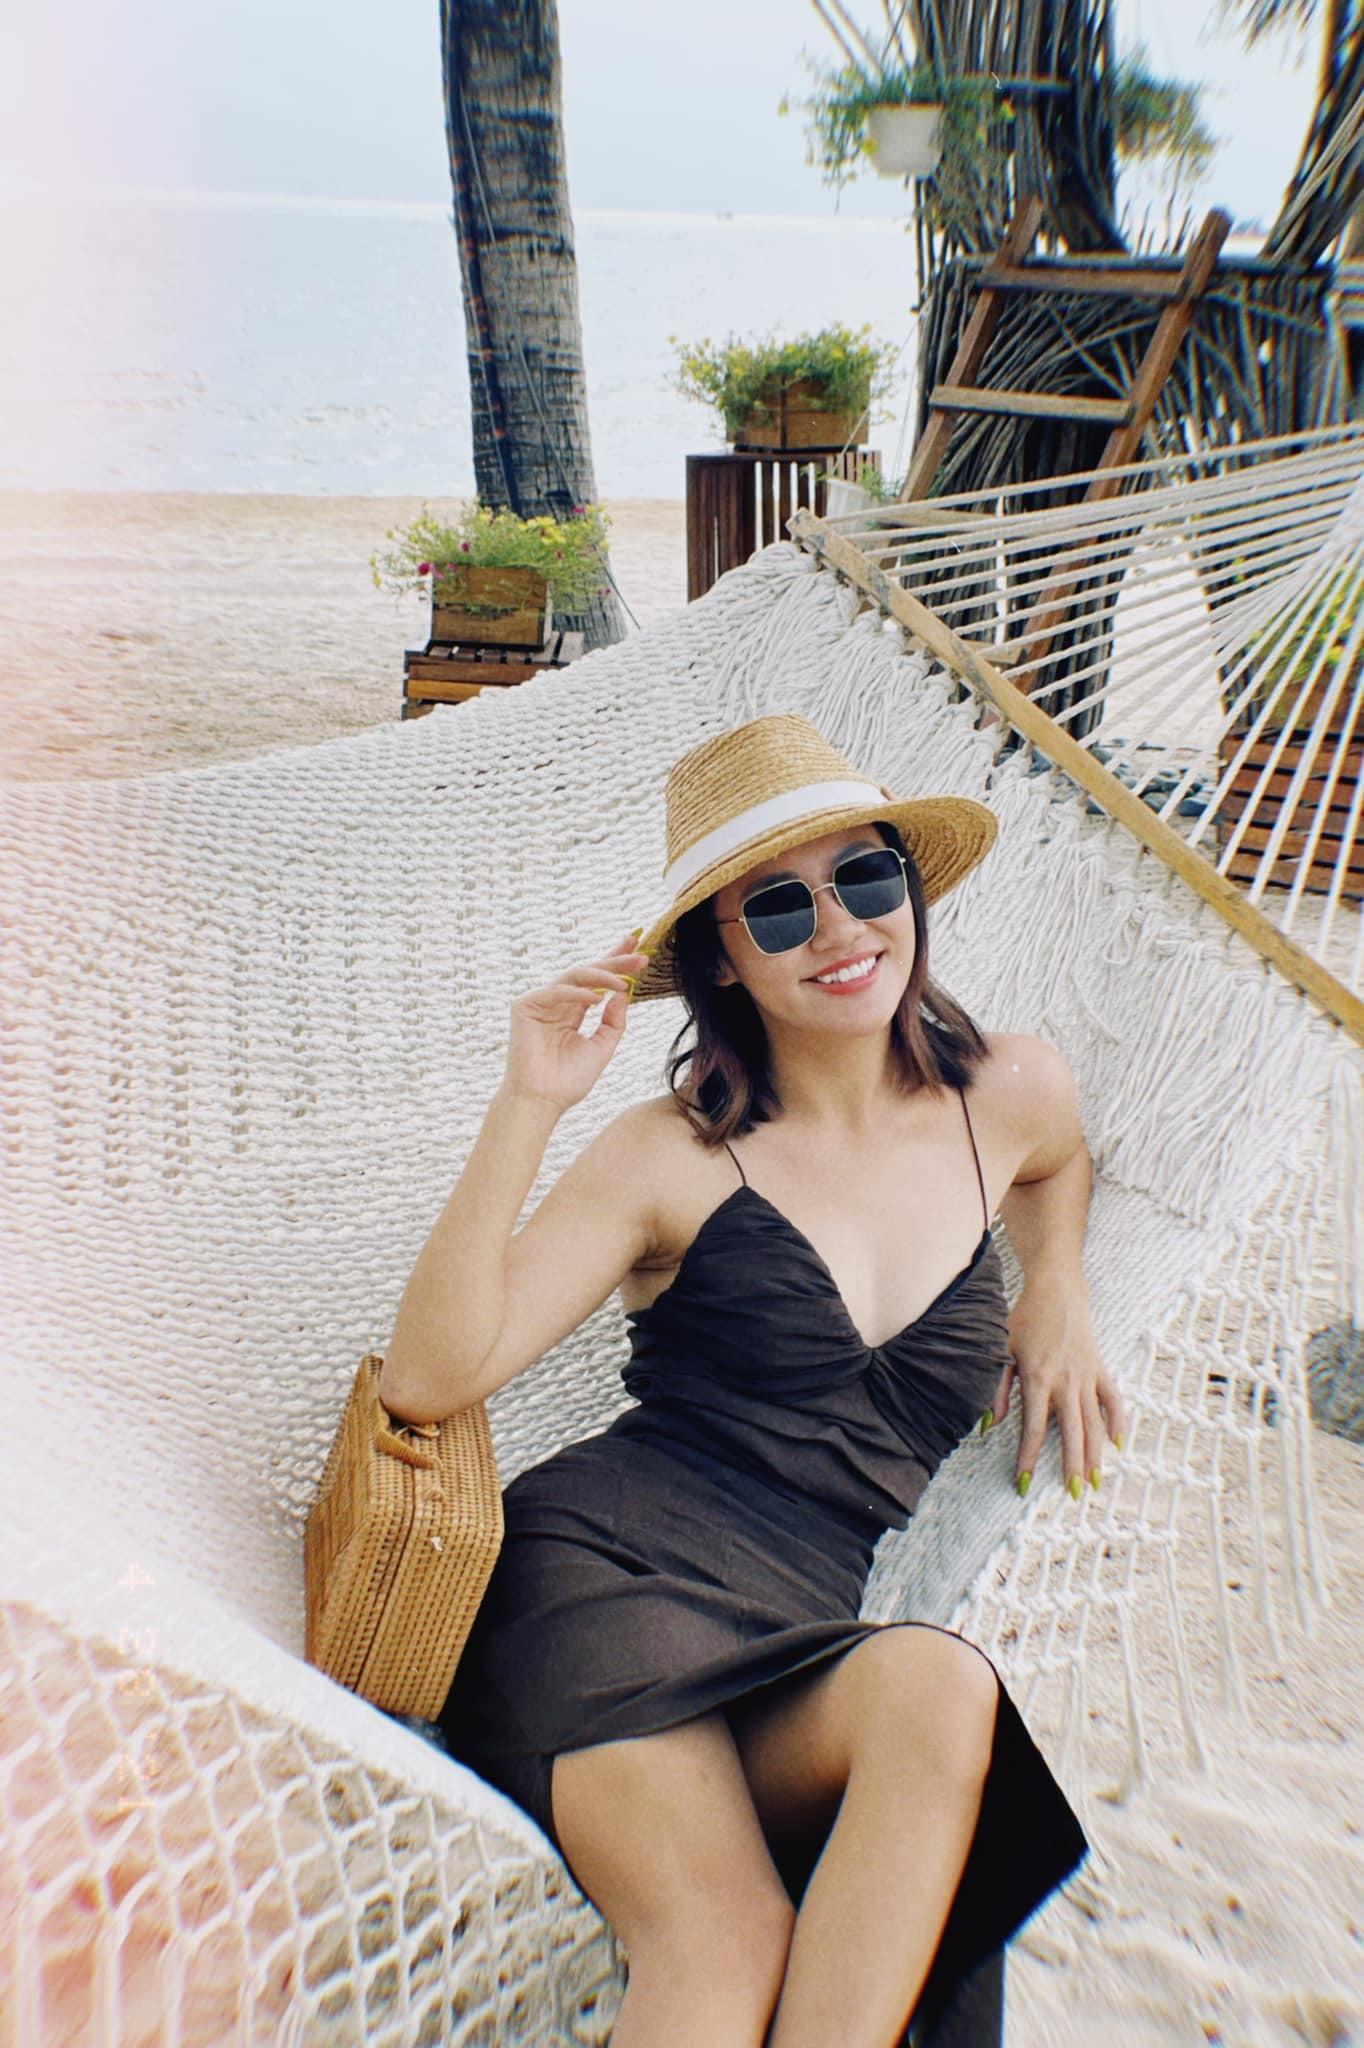 Văn Mai Hương tuổi 27 độc thân, quyến rũ